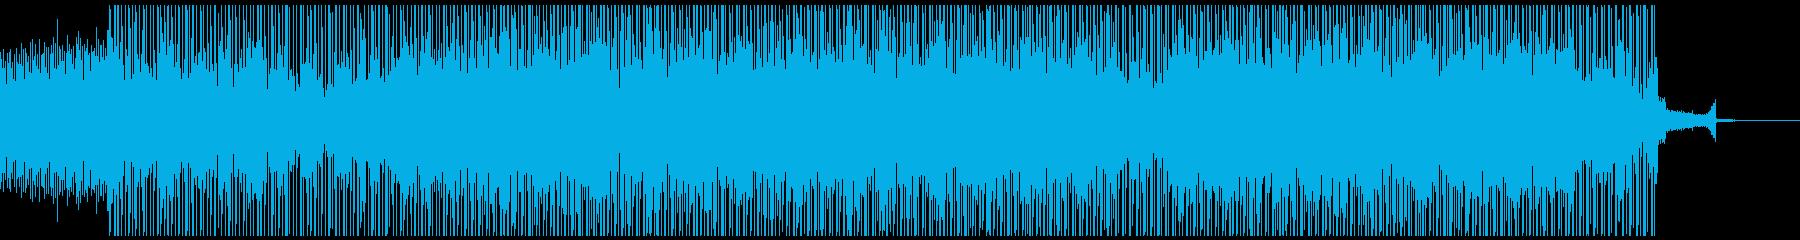 進化を続ける宇宙的な曲の再生済みの波形